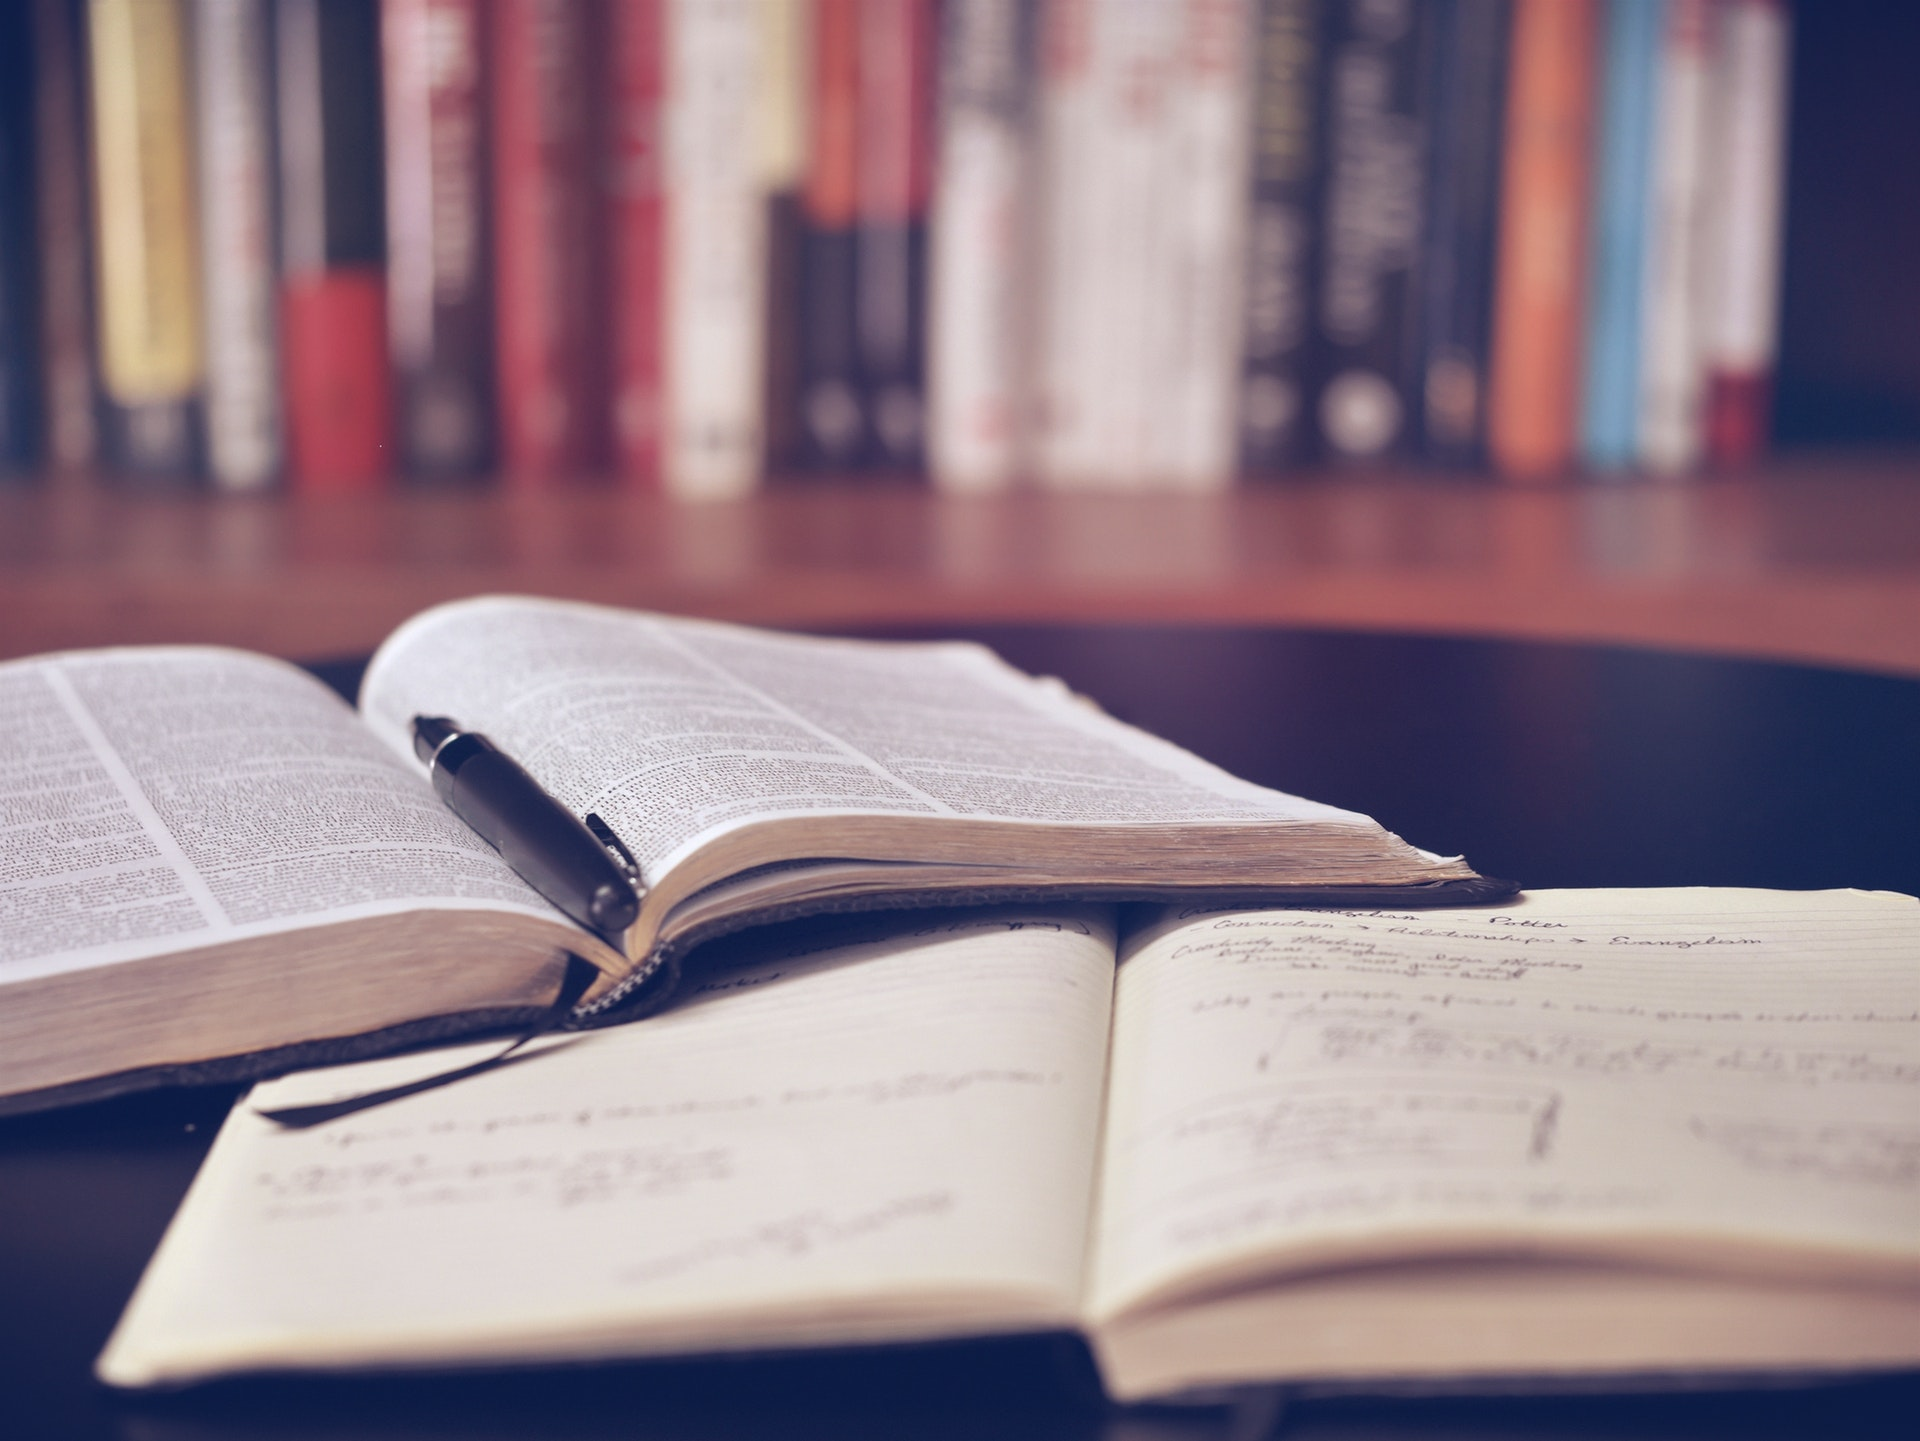 Opengeslagen boeken